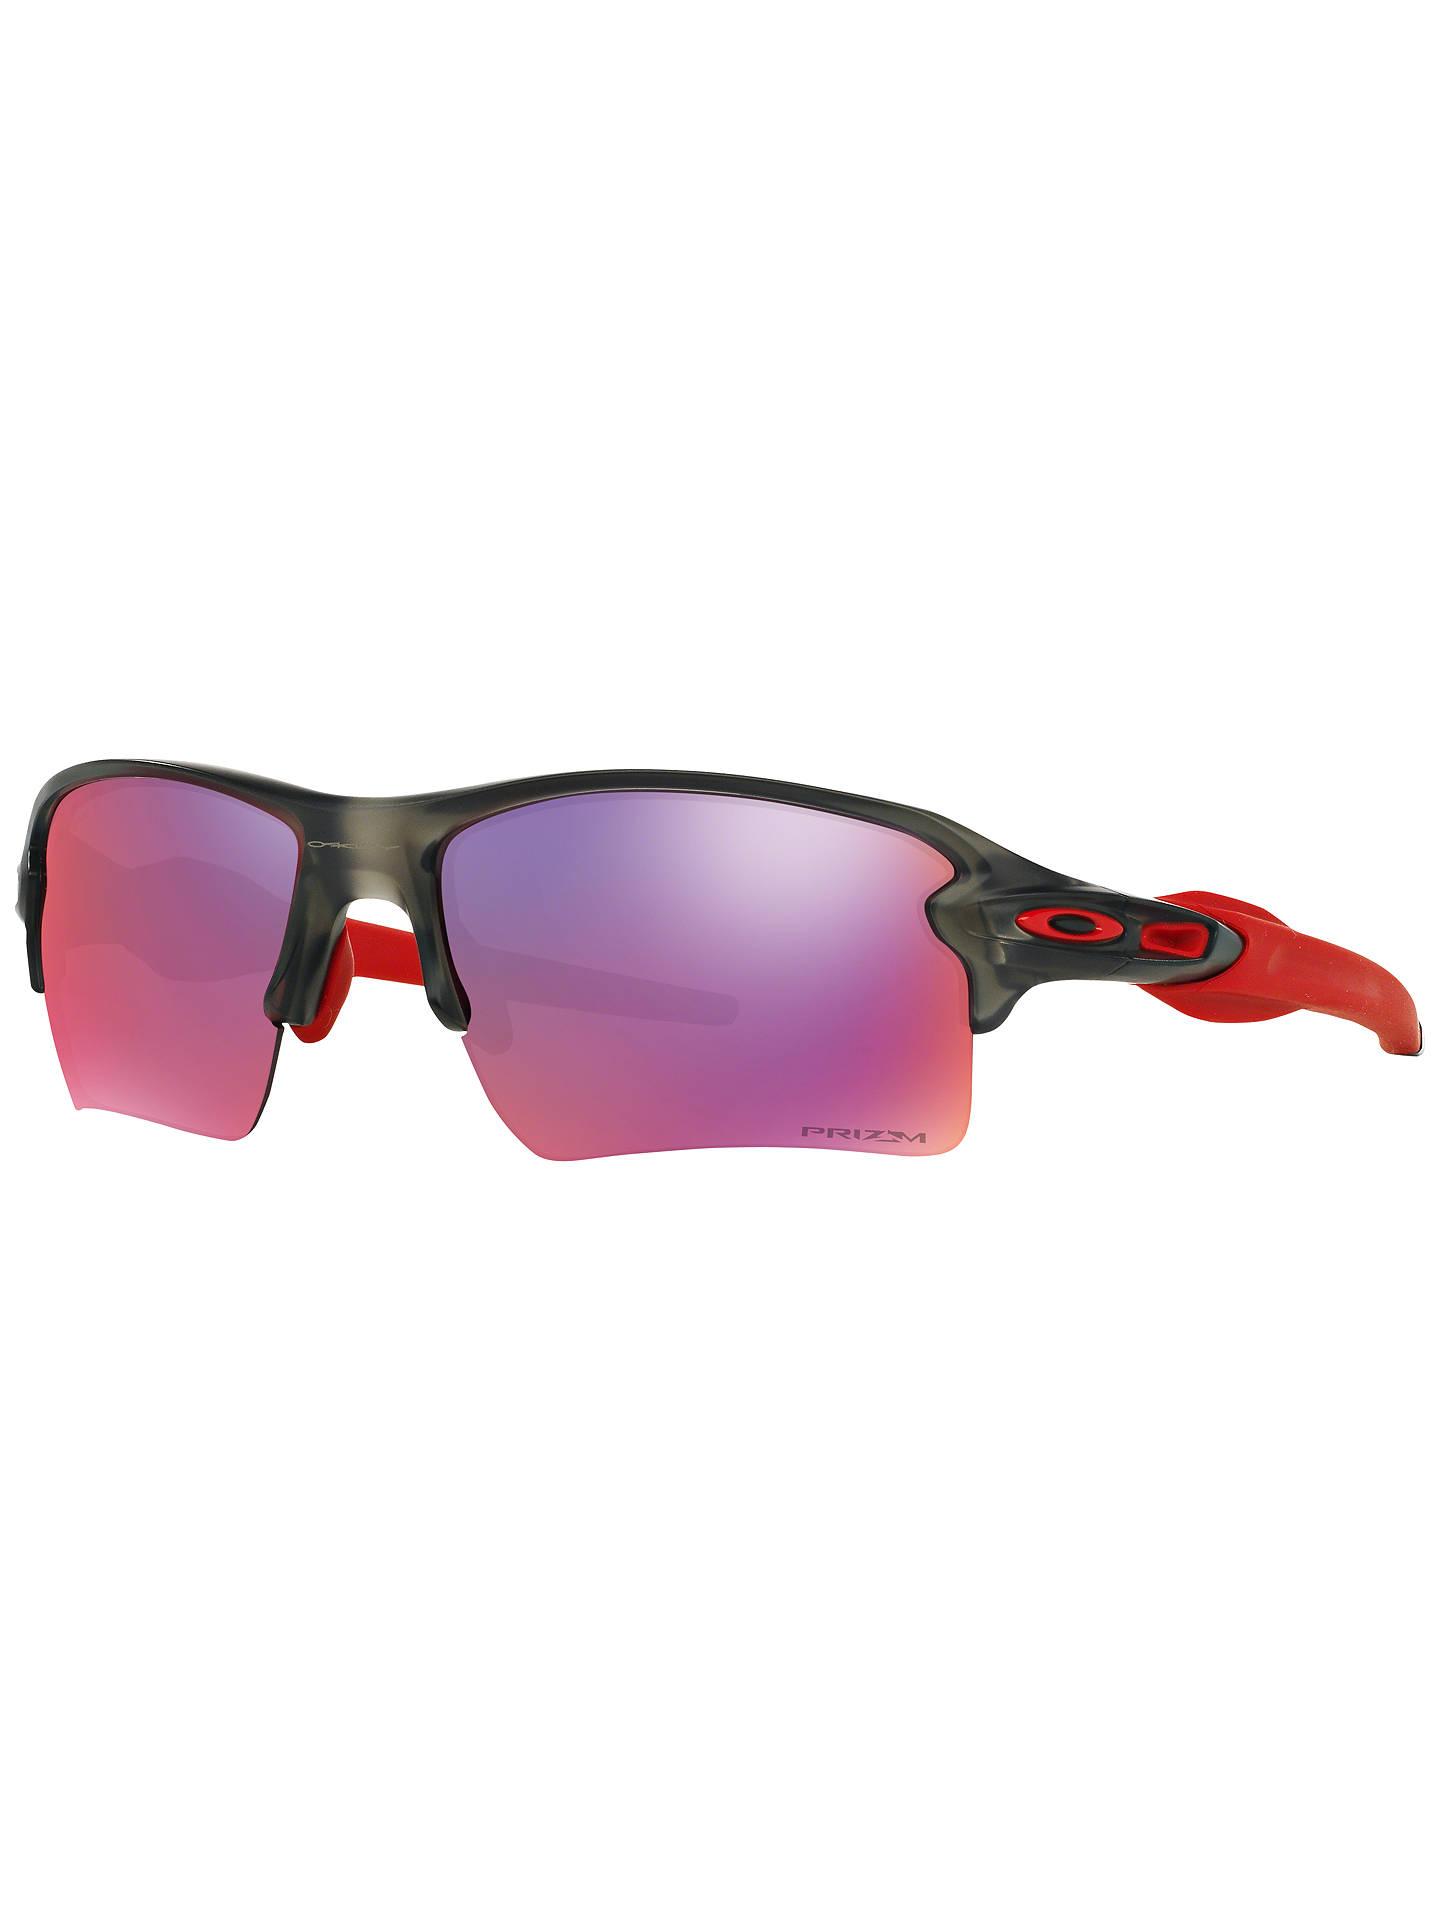 d41888de2e Oakley OO9188 FLAK 2.0 XL PRIZM™ Sunglasses at John Lewis   Partners